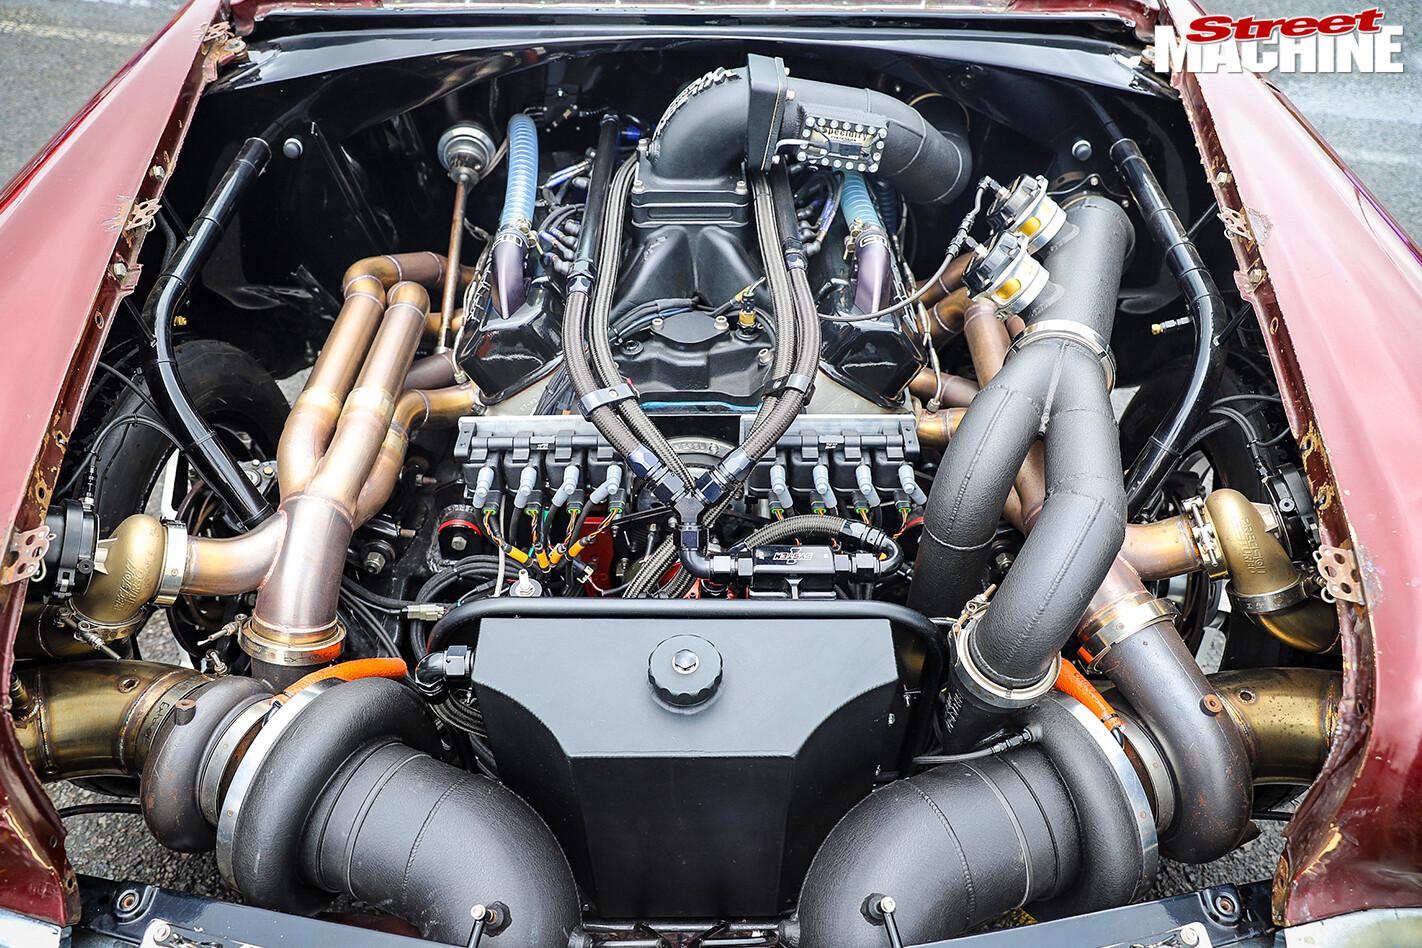 Street Machine Features 1956 Chevrolet Engine Bay